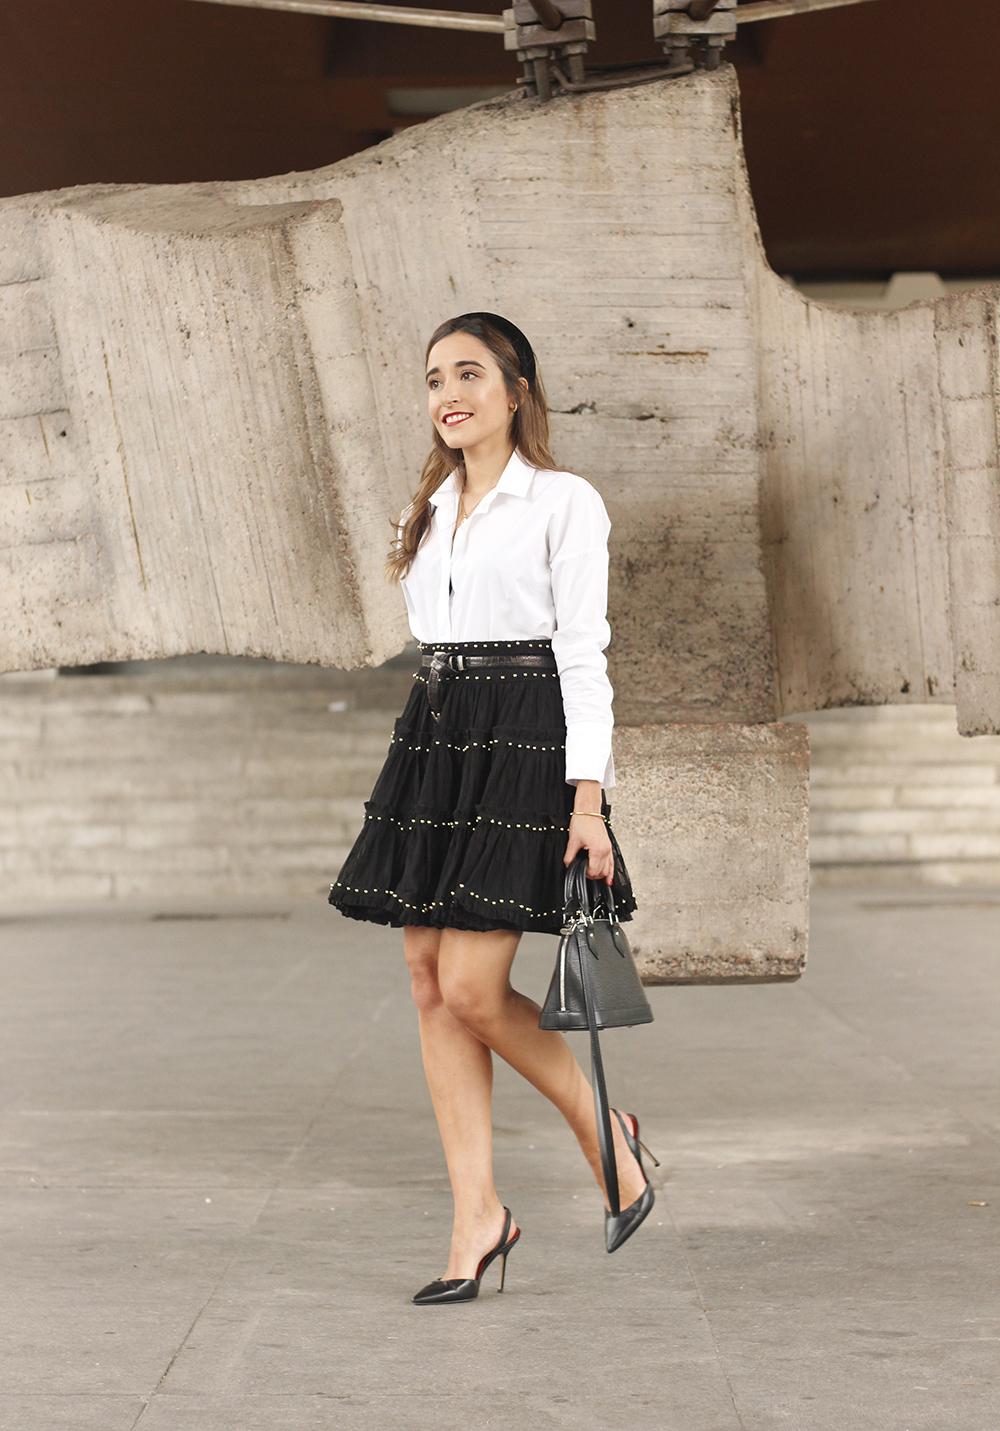 bandeau très preppy falda negra louis vuitton sac style de la rue outfit7